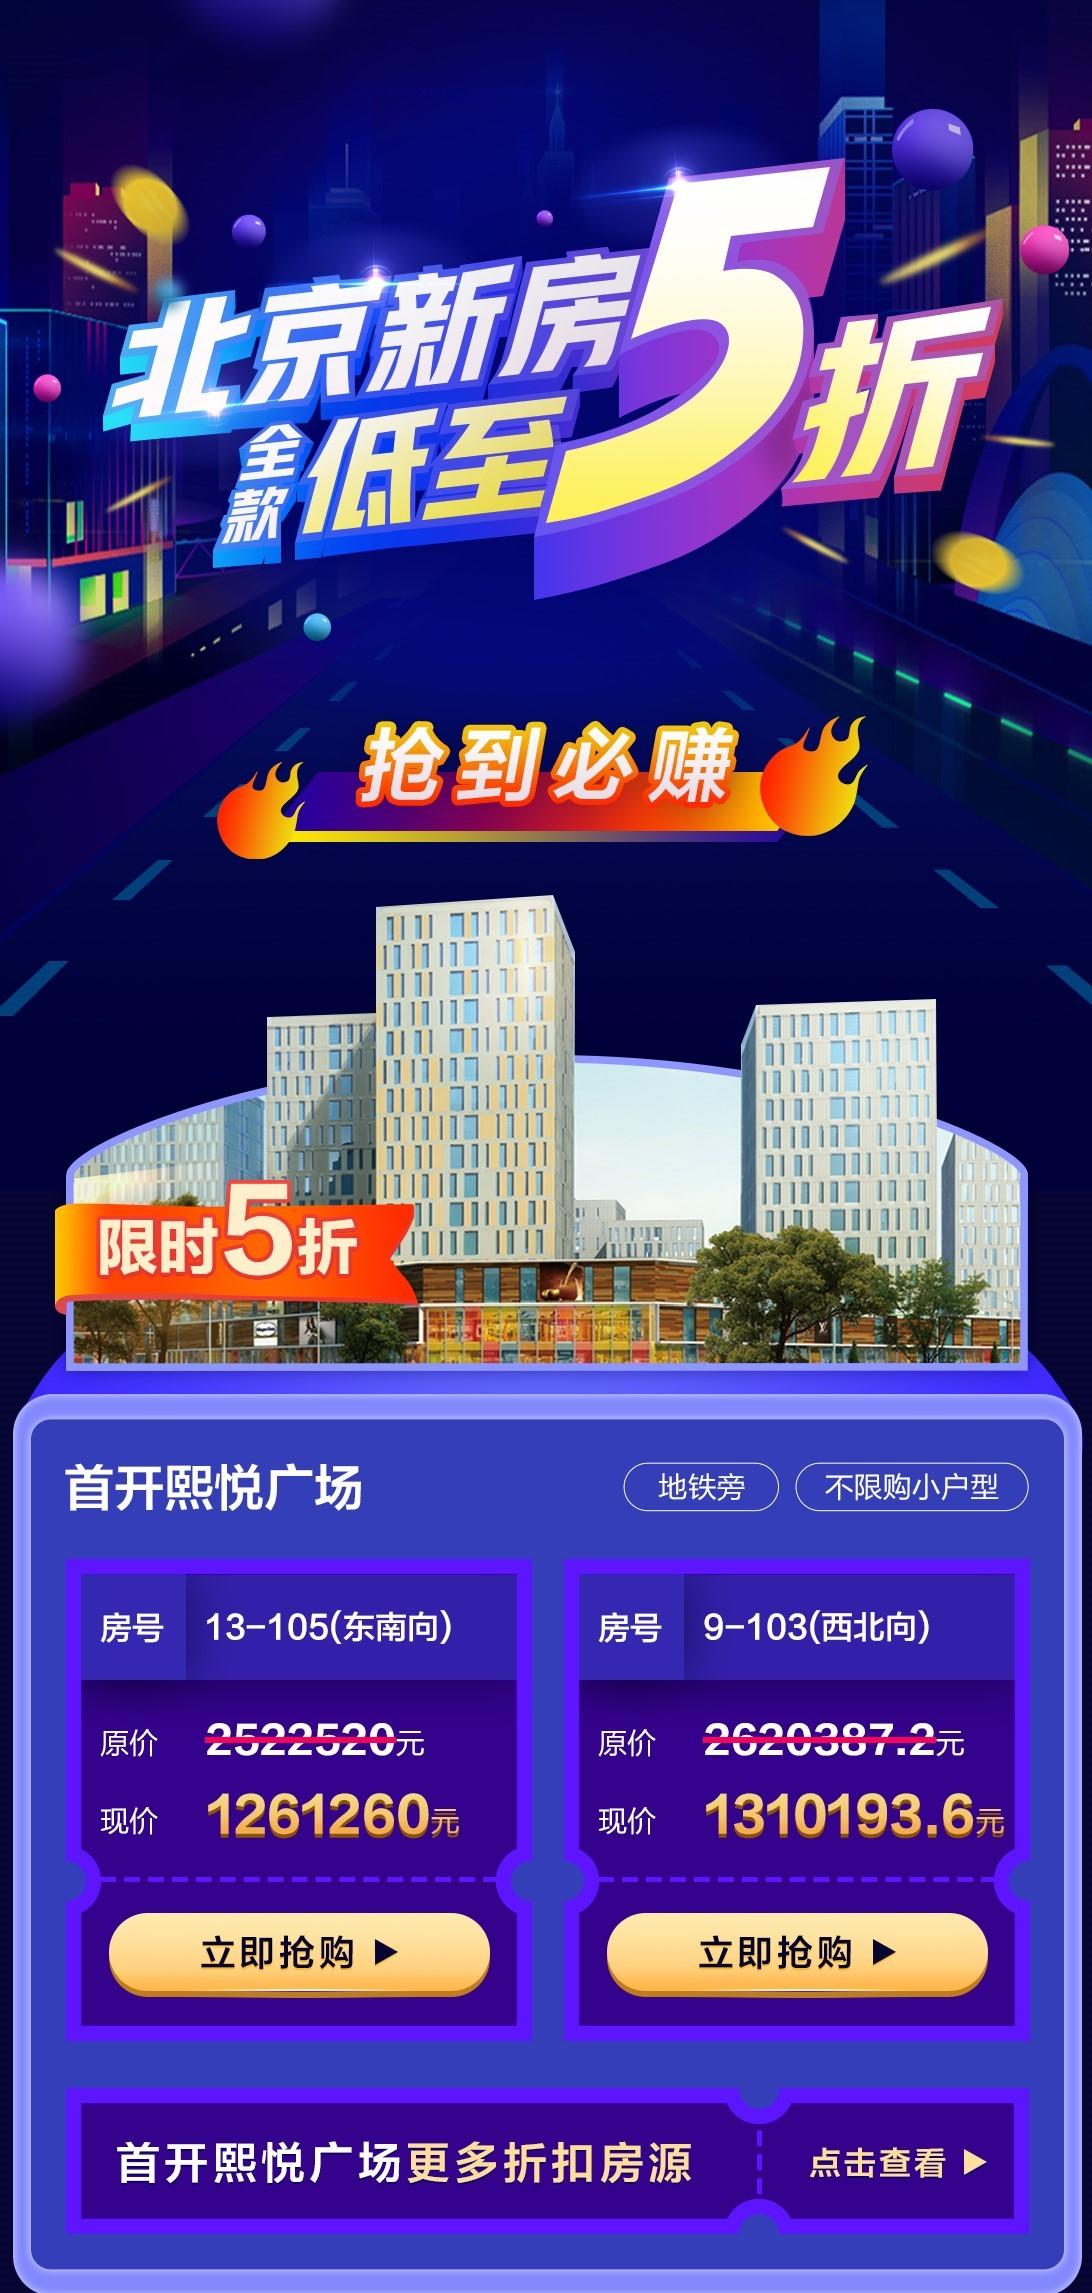 """线上线下一体化购房模式再受追捧 京东房产携手5家知名地产商圈粉""""北漂""""族"""